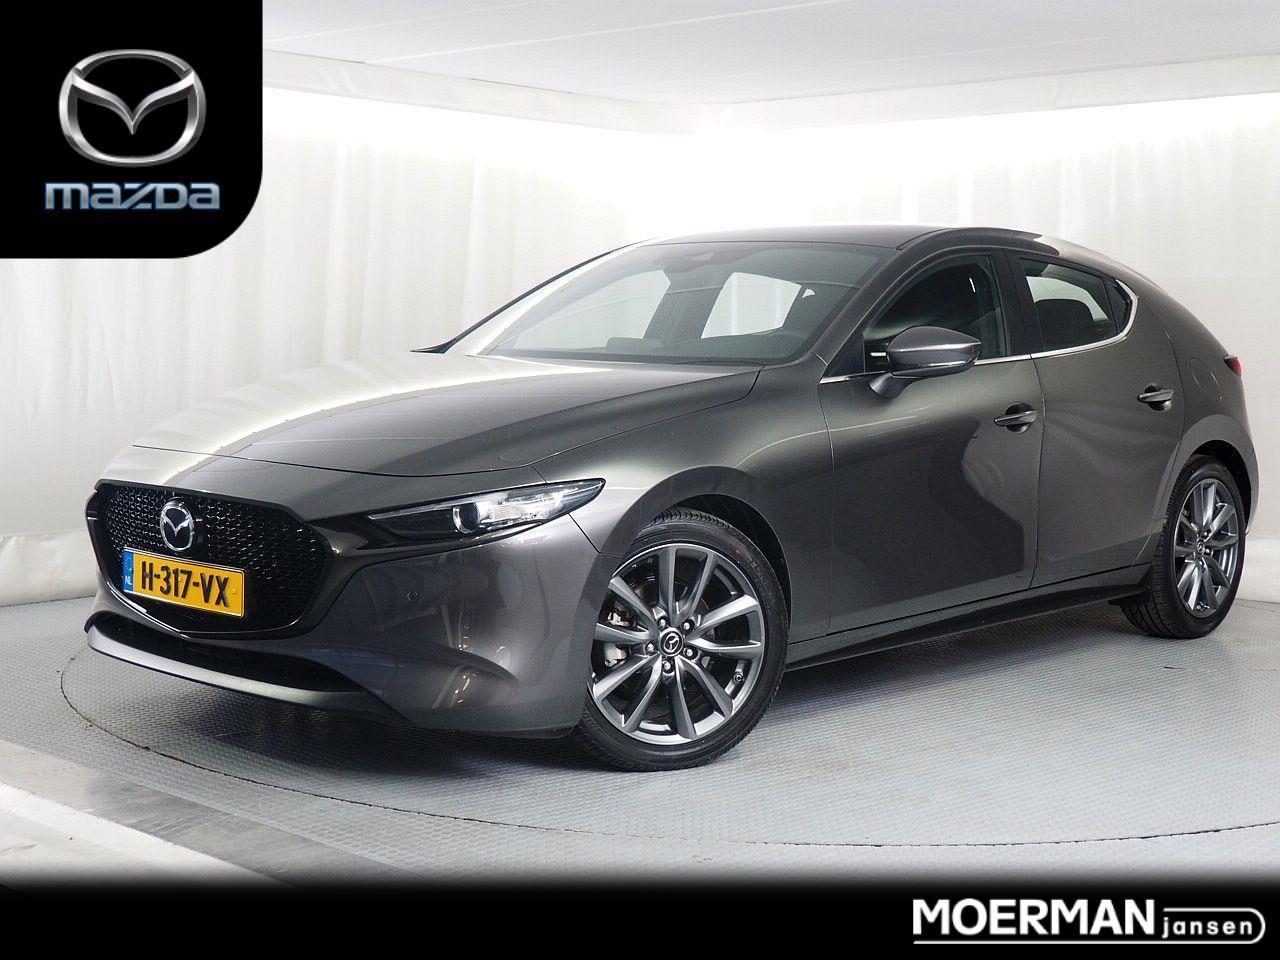 Mazda 3 2.0 comfort navigatie / 18 inch velgen / hybrid 132 pk / radar cruise ctrl / head-up display / 1e eigenaar